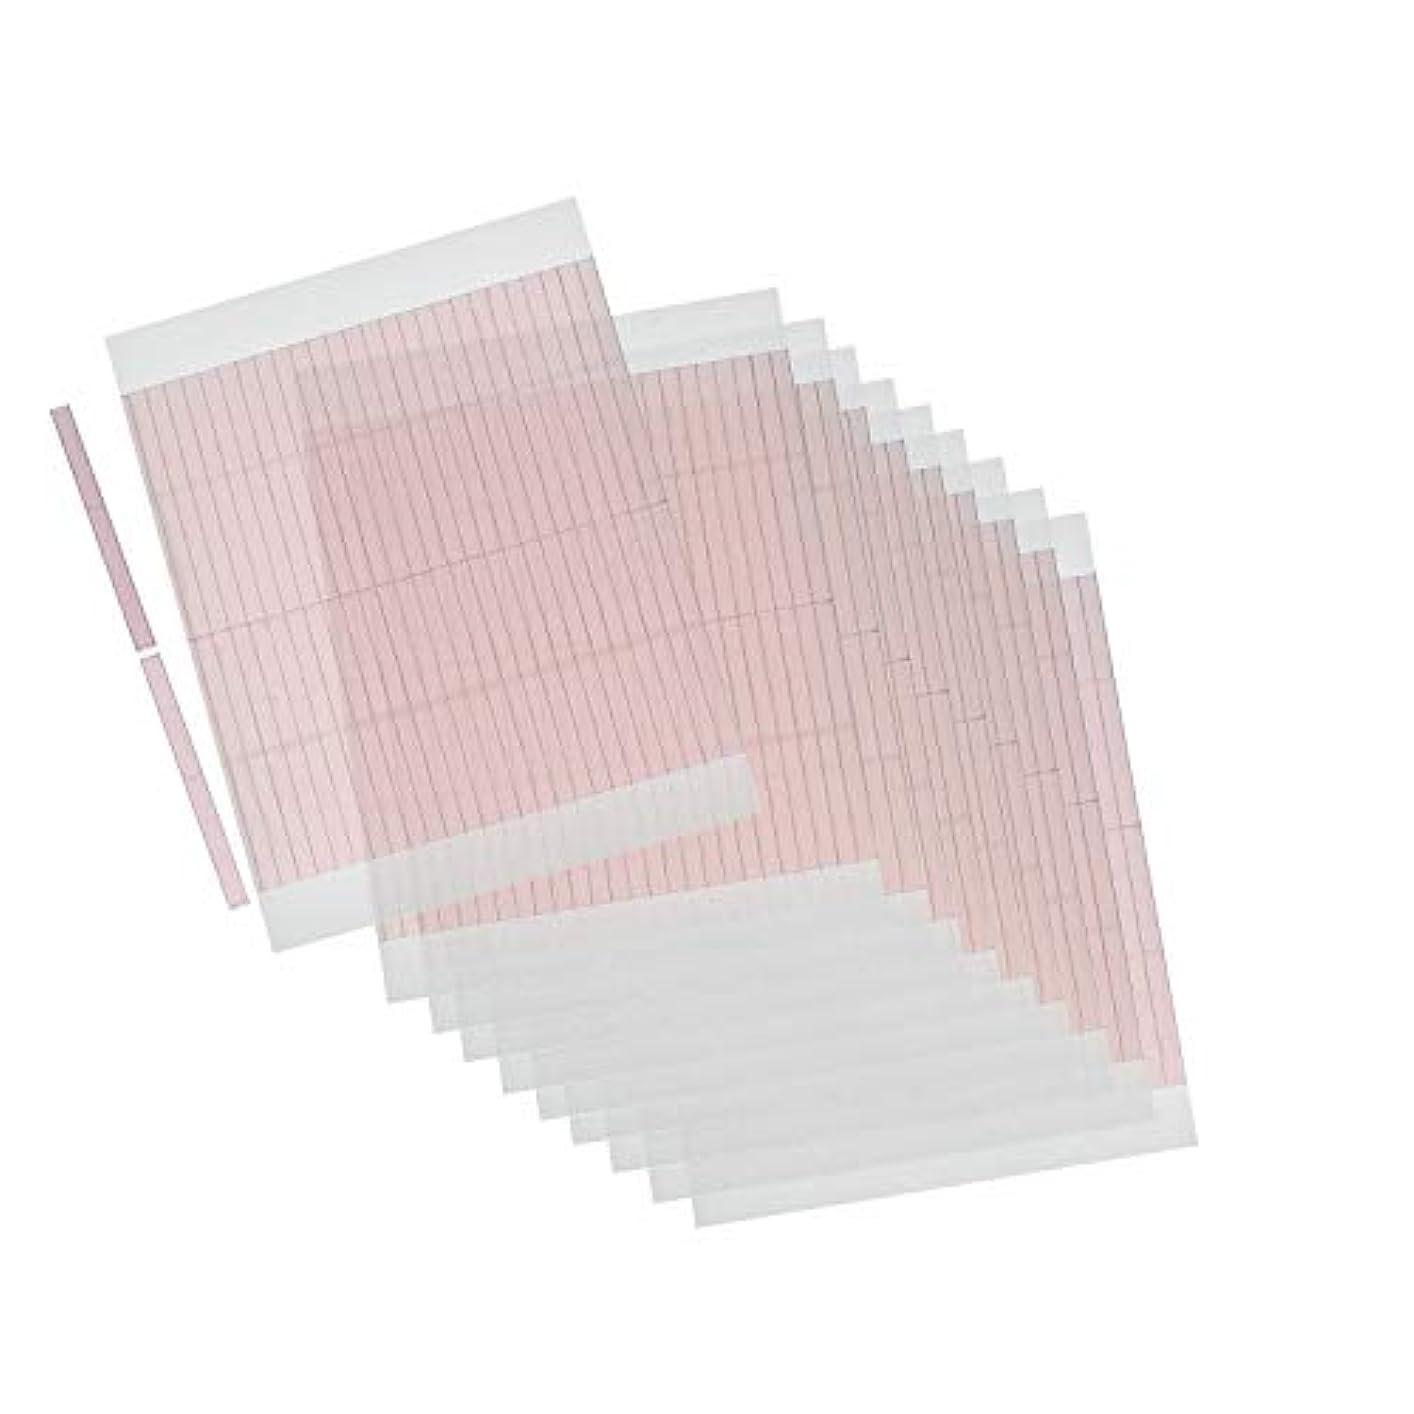 砲撃苛性卵m.tivance アイテープ 二重瞼形成 二重テープ 10シートセット 520本入り/アイテープ10枚セット